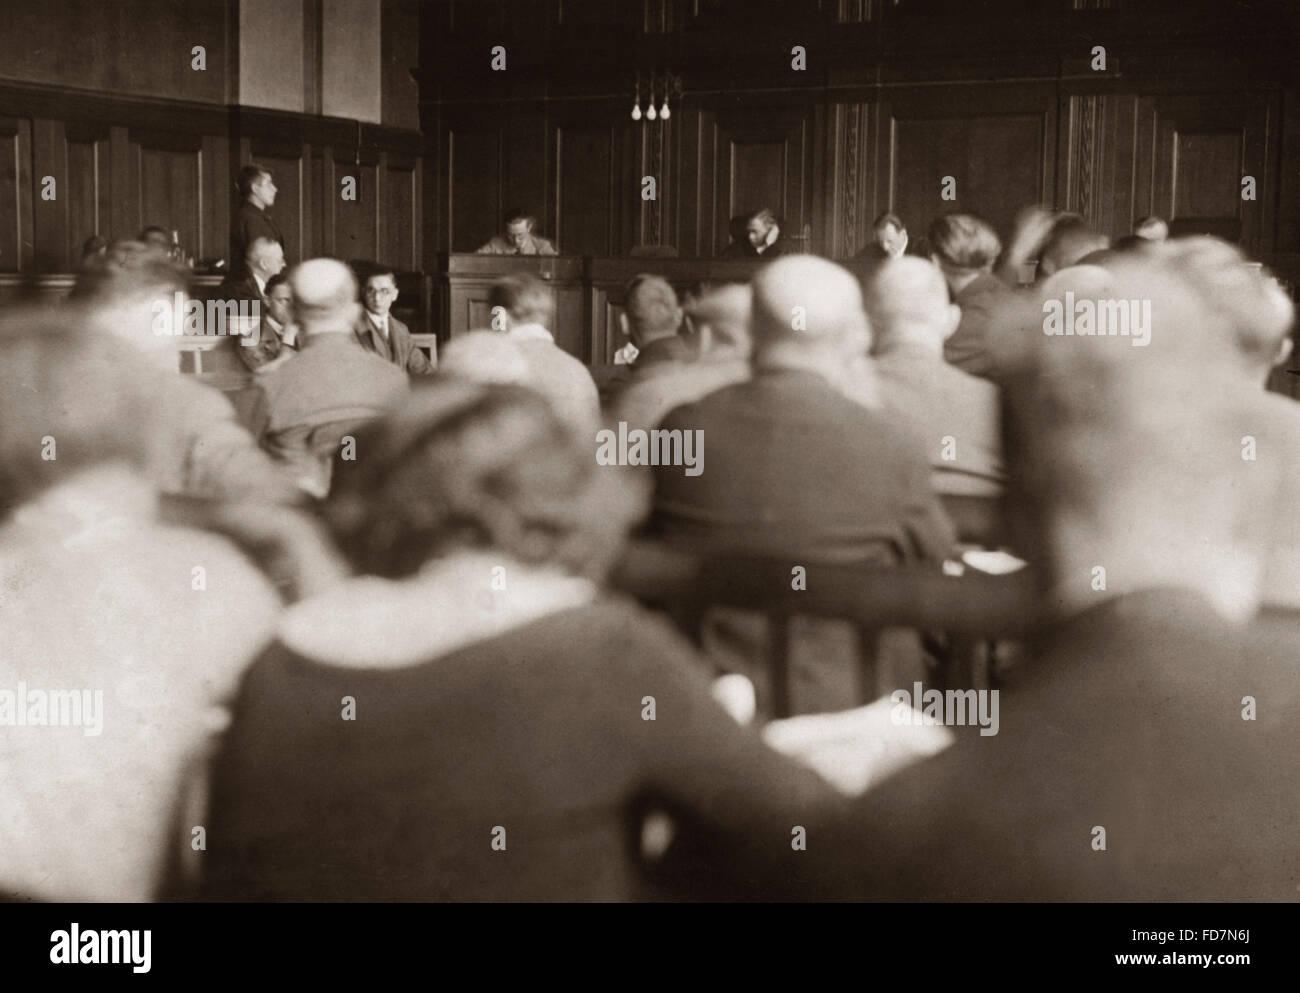 Los nacionalsocialistas en un juicio sumario, 1931 Imagen De Stock